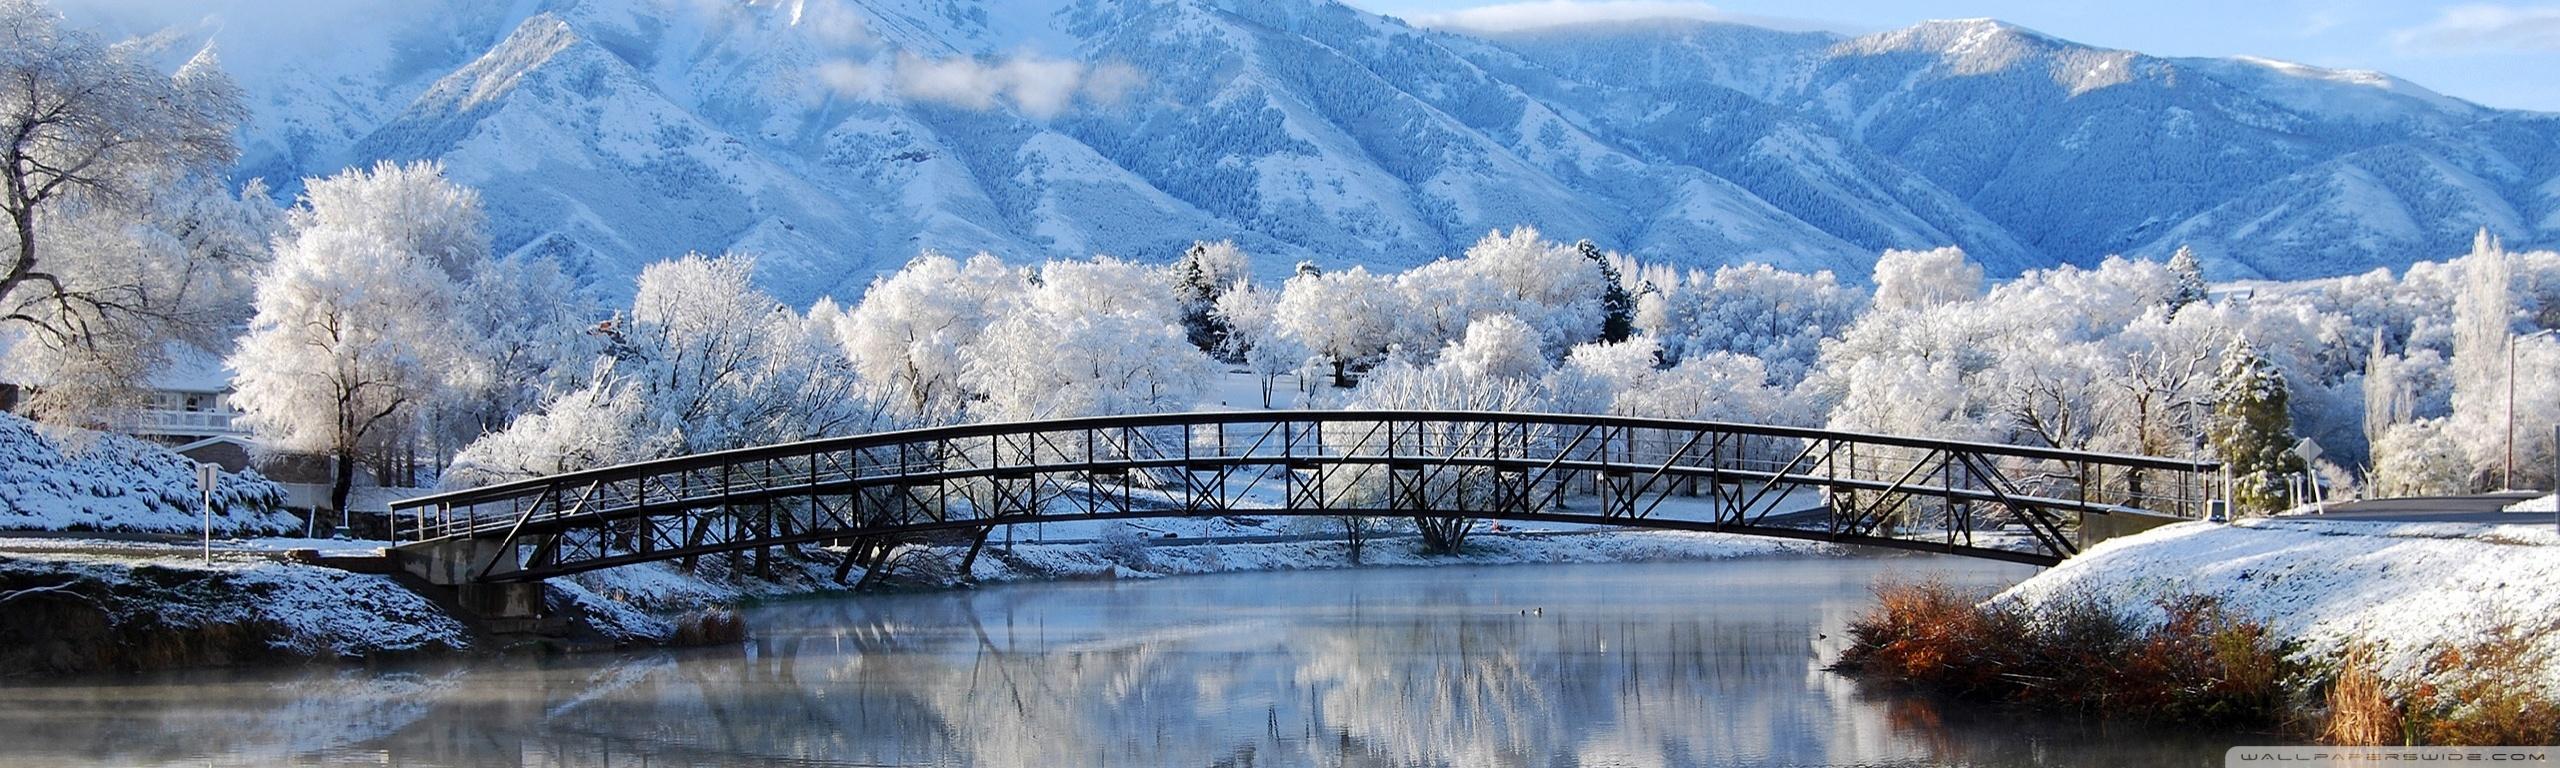 Beautiful Winter Scene 4K HD Desktop Wallpaper for 4K Ultra HD 2560x768